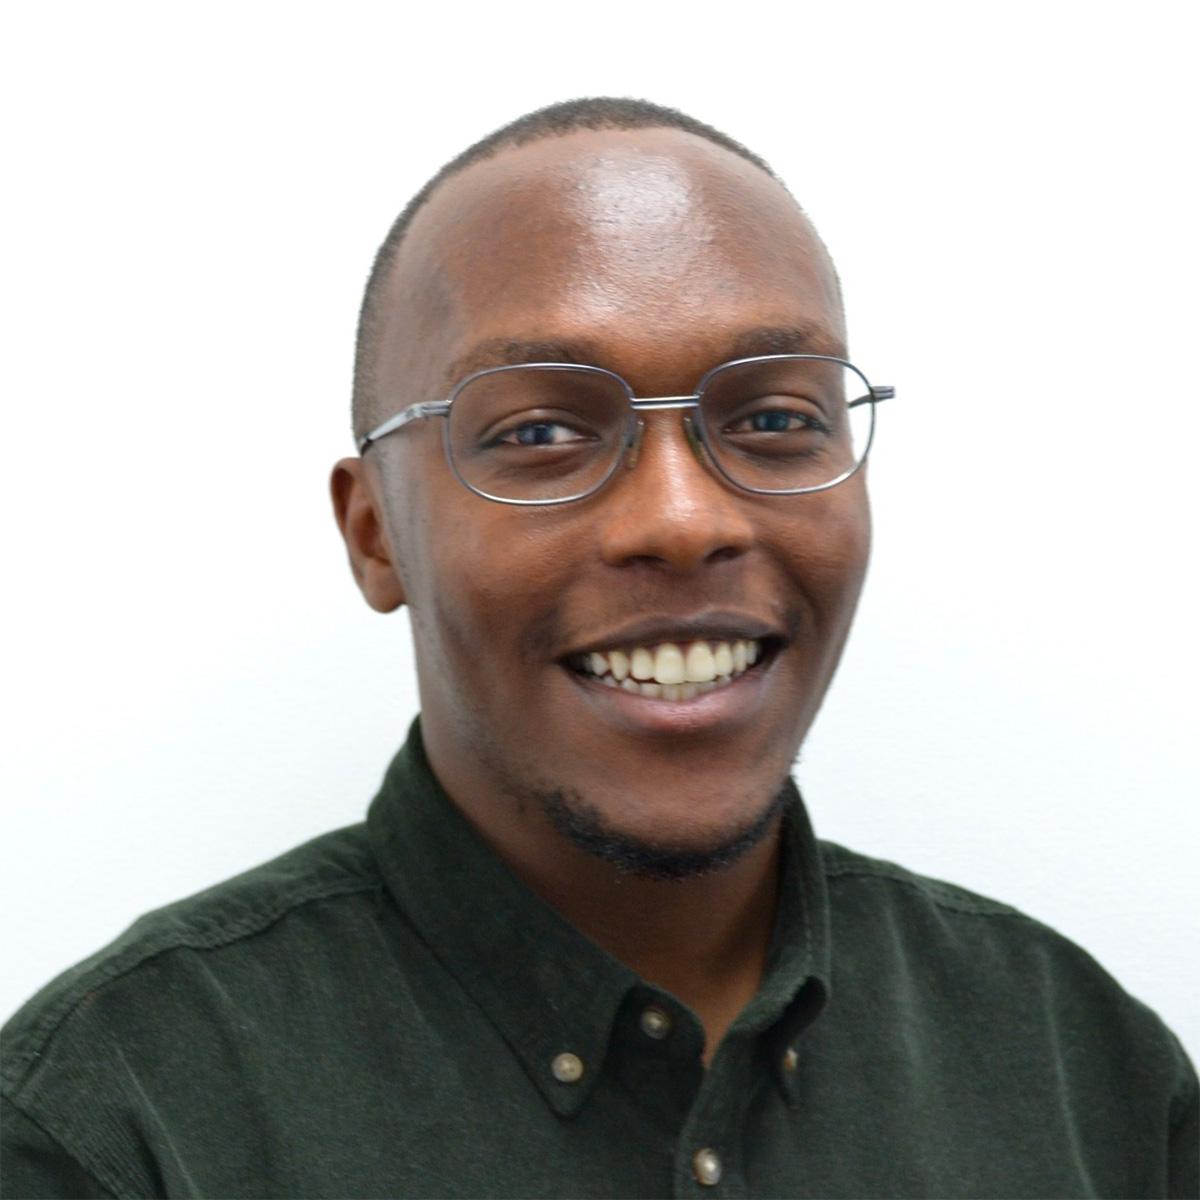 Solomon, Developer